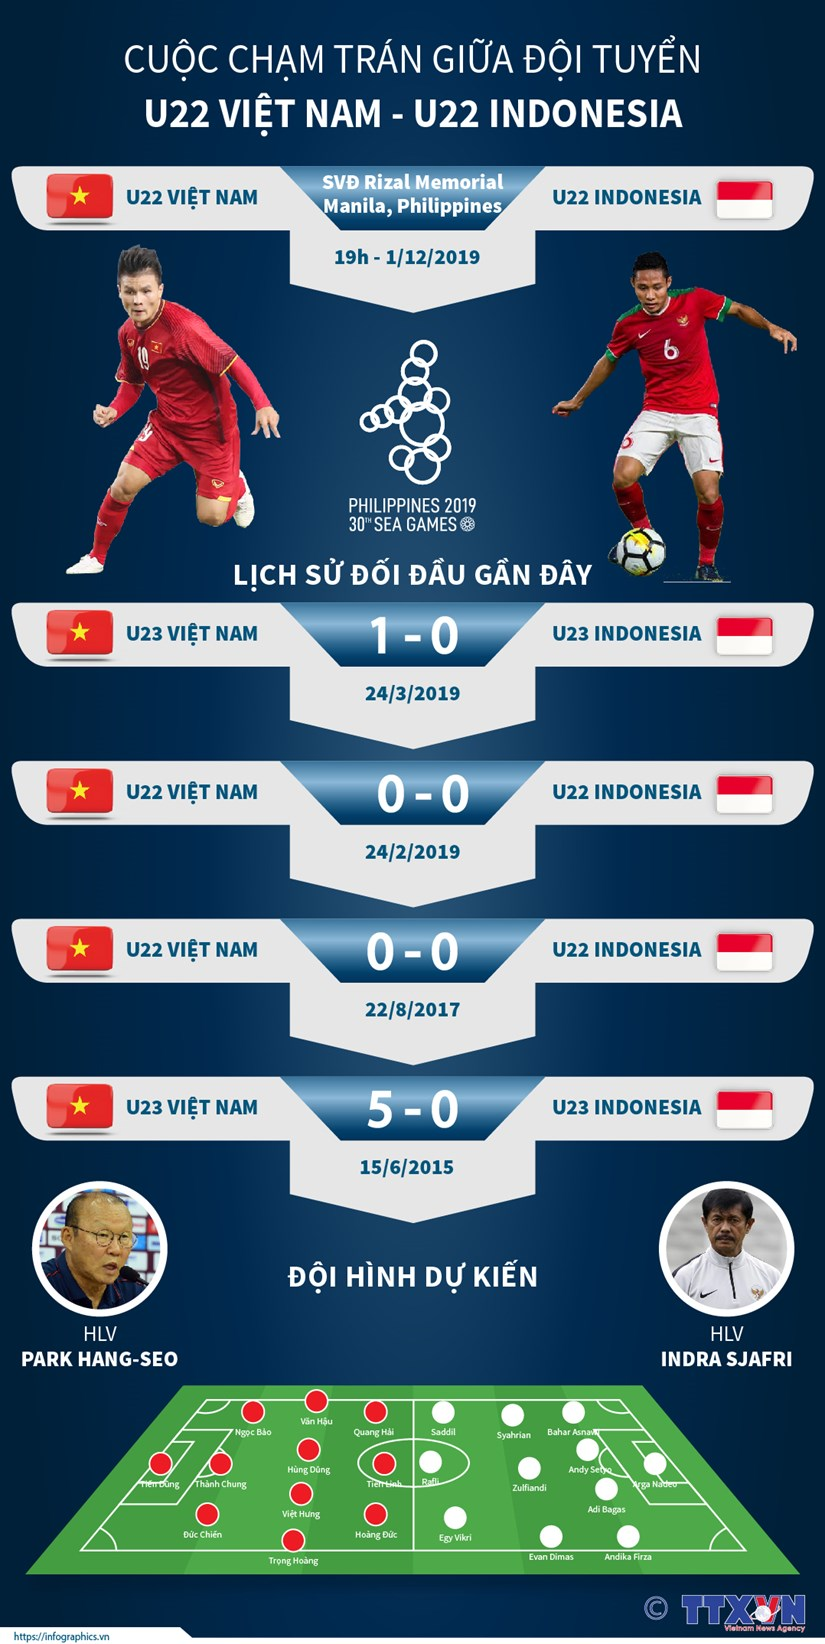 [Infographics] Cuoc cham tran giua U22 Viet Nam-U22 Indonesia hinh anh 1